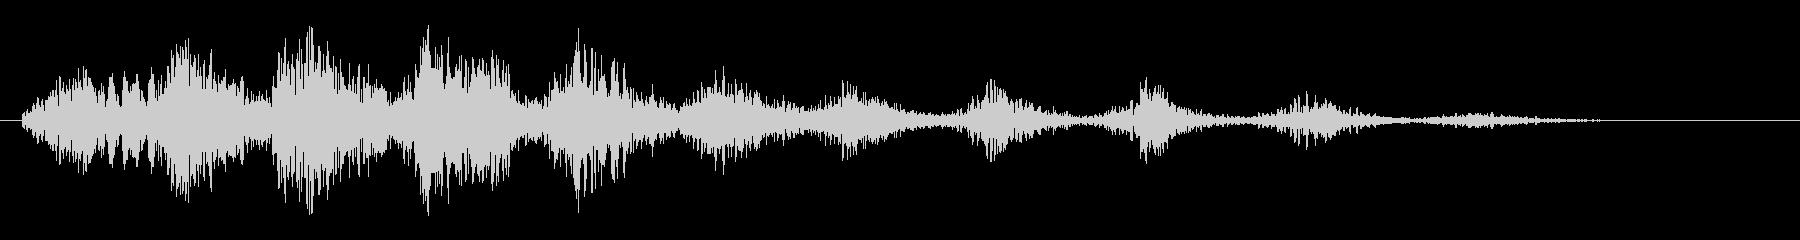 笑い声(無機質、宇宙人、コミカル)の未再生の波形